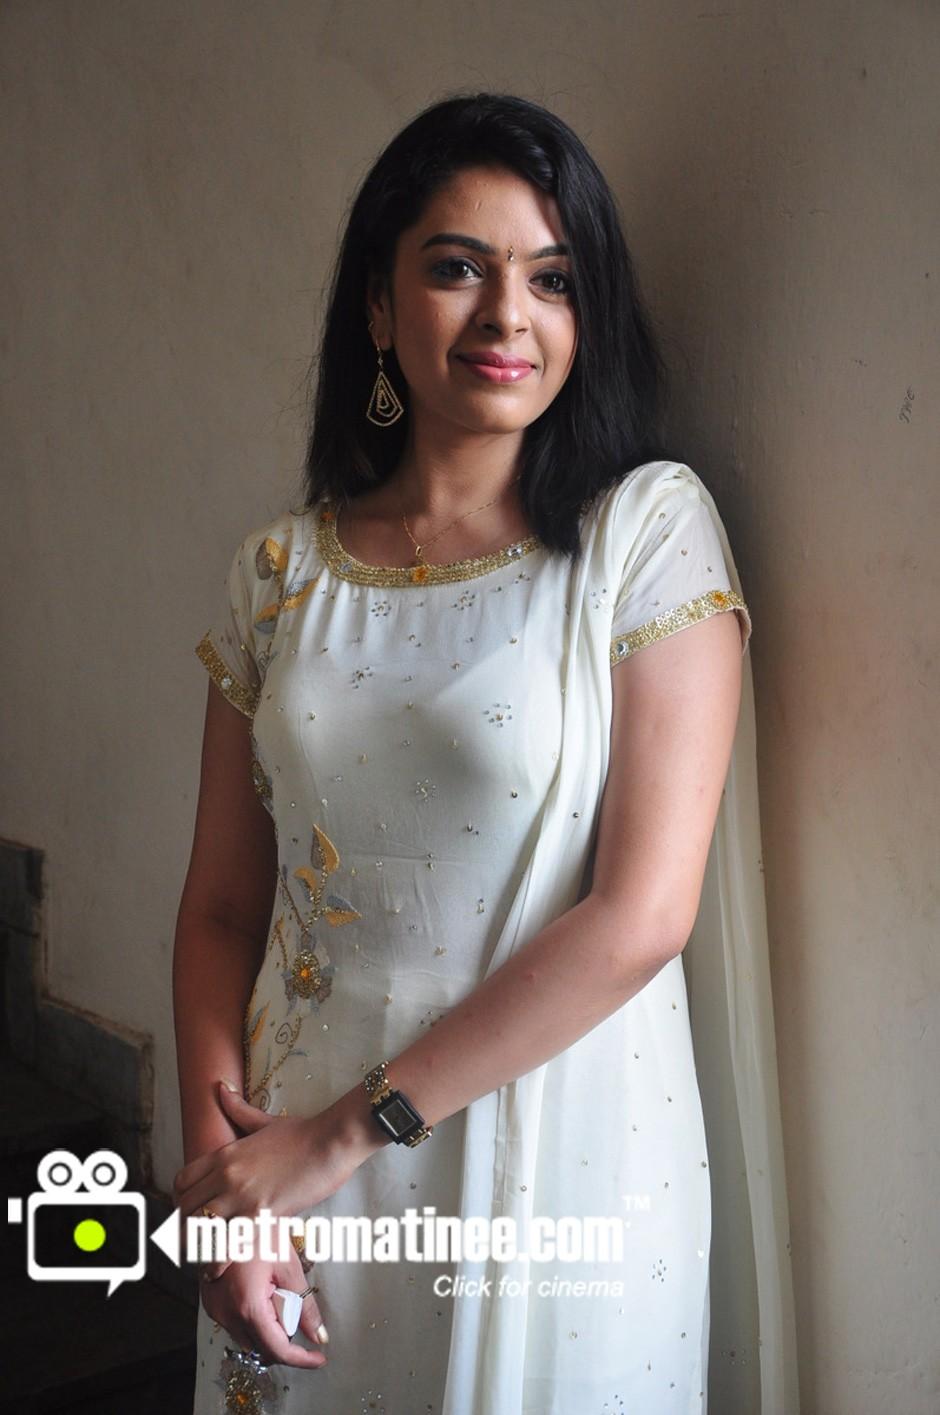 SOUTH INDIAN ACTRESS HOT: Radhika hot malayalam actress